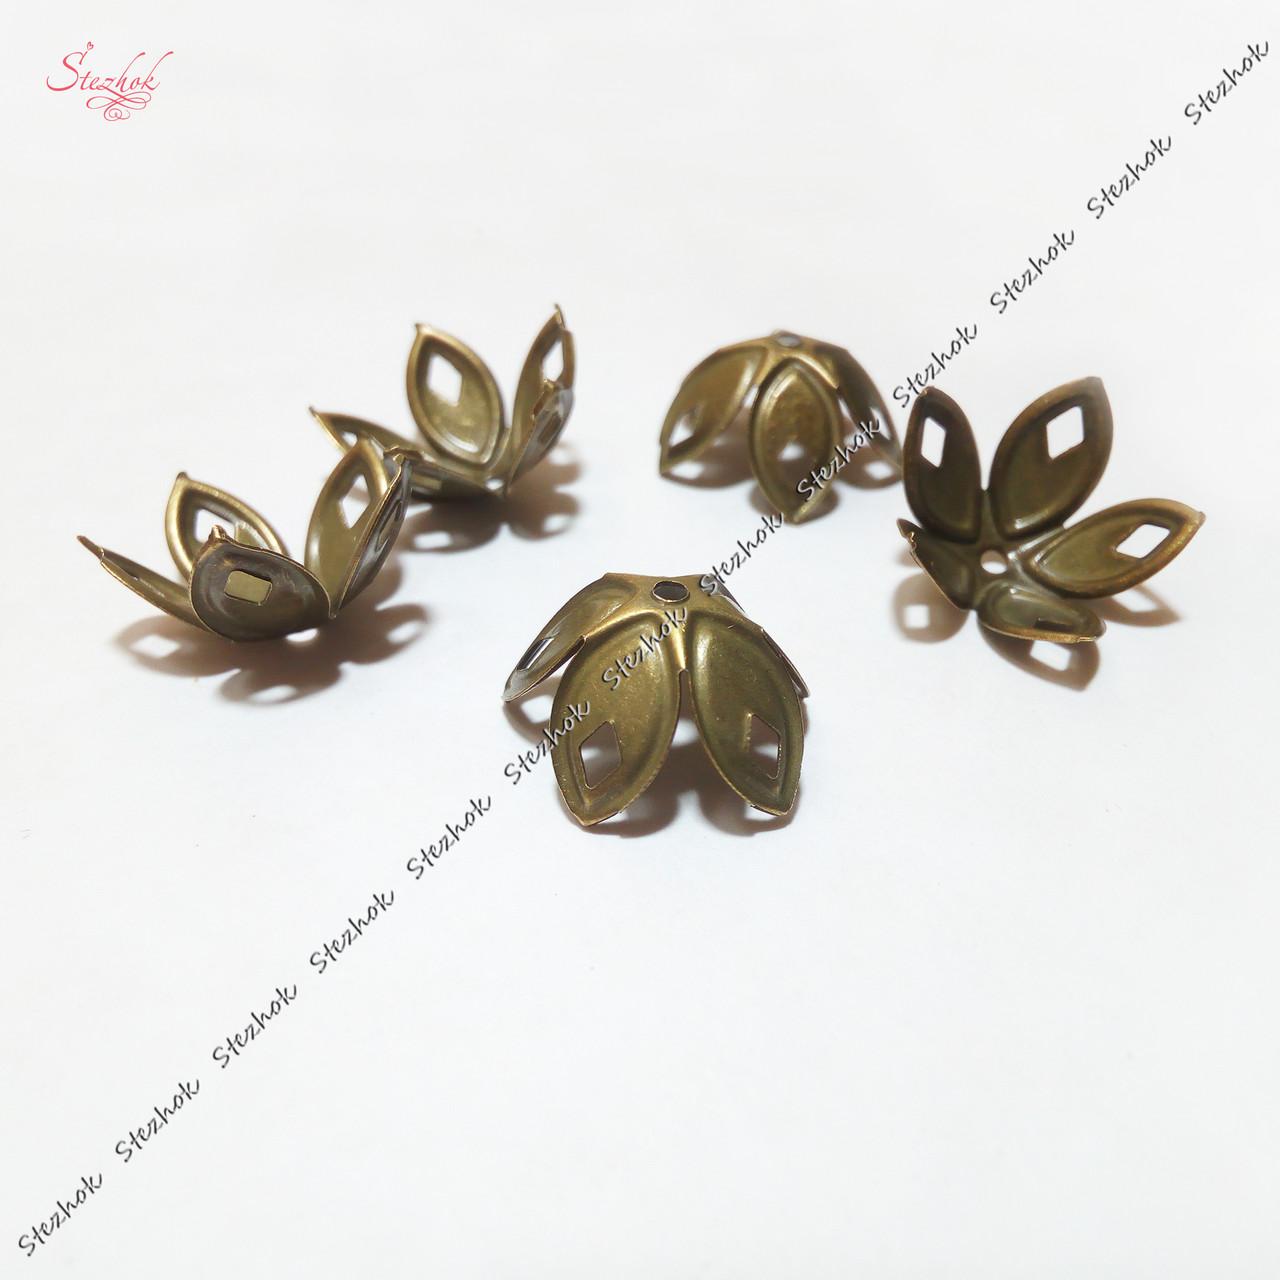 Металлические филигранные шапочки для бусин 18 мм для рукоделия цвет бронза